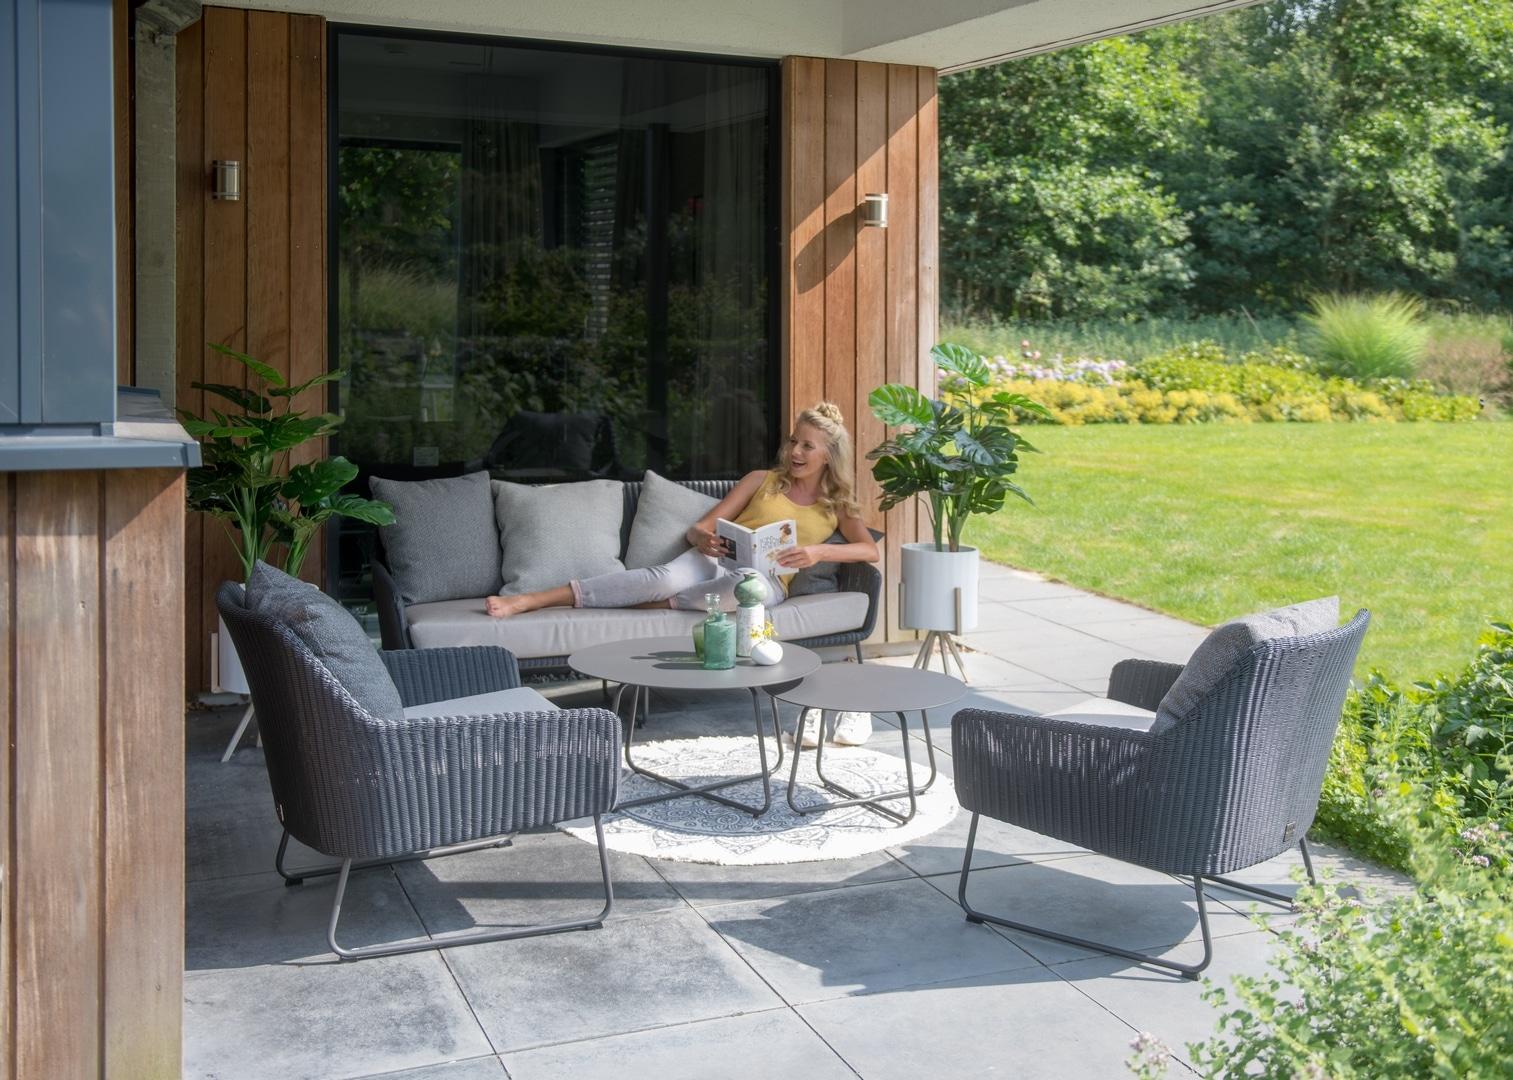 4 Seasons Outdoor® Sillón Avila Living | De Tropen on 4 Seasons Outdoor Living id=87473